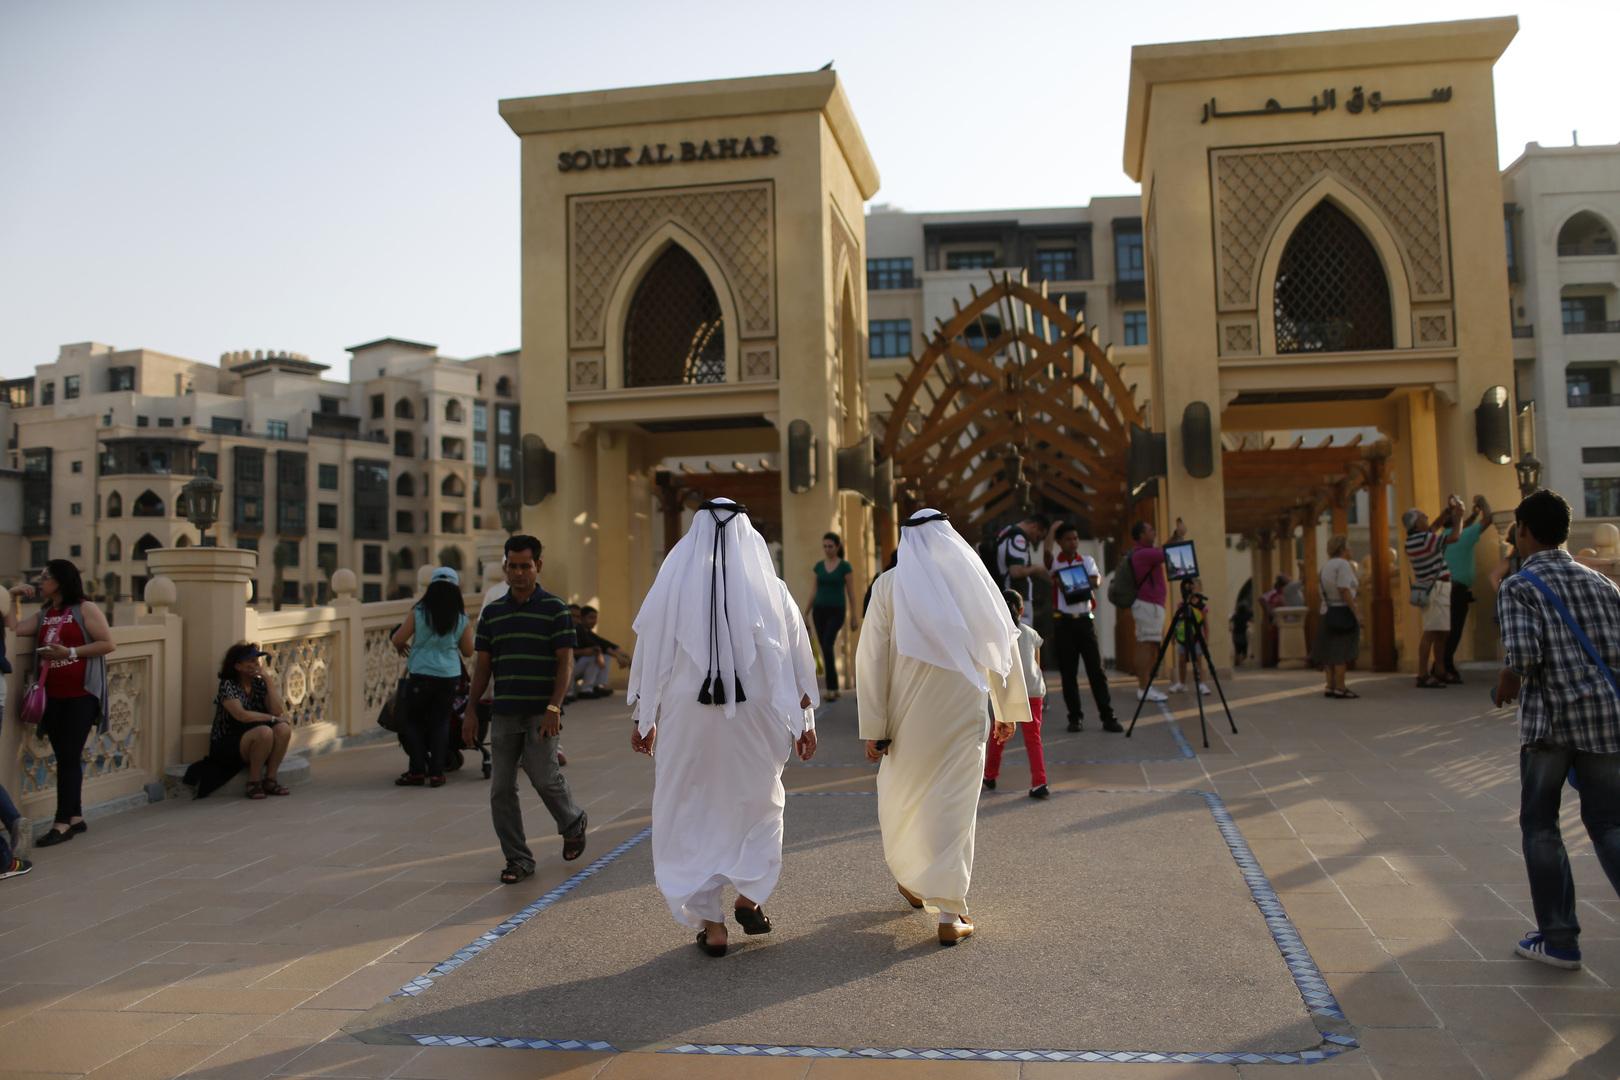 الإمارات تعلن عن عدد سكان البلاد ونسبة الذكور إلى الإناث ومتوسط الأعمار